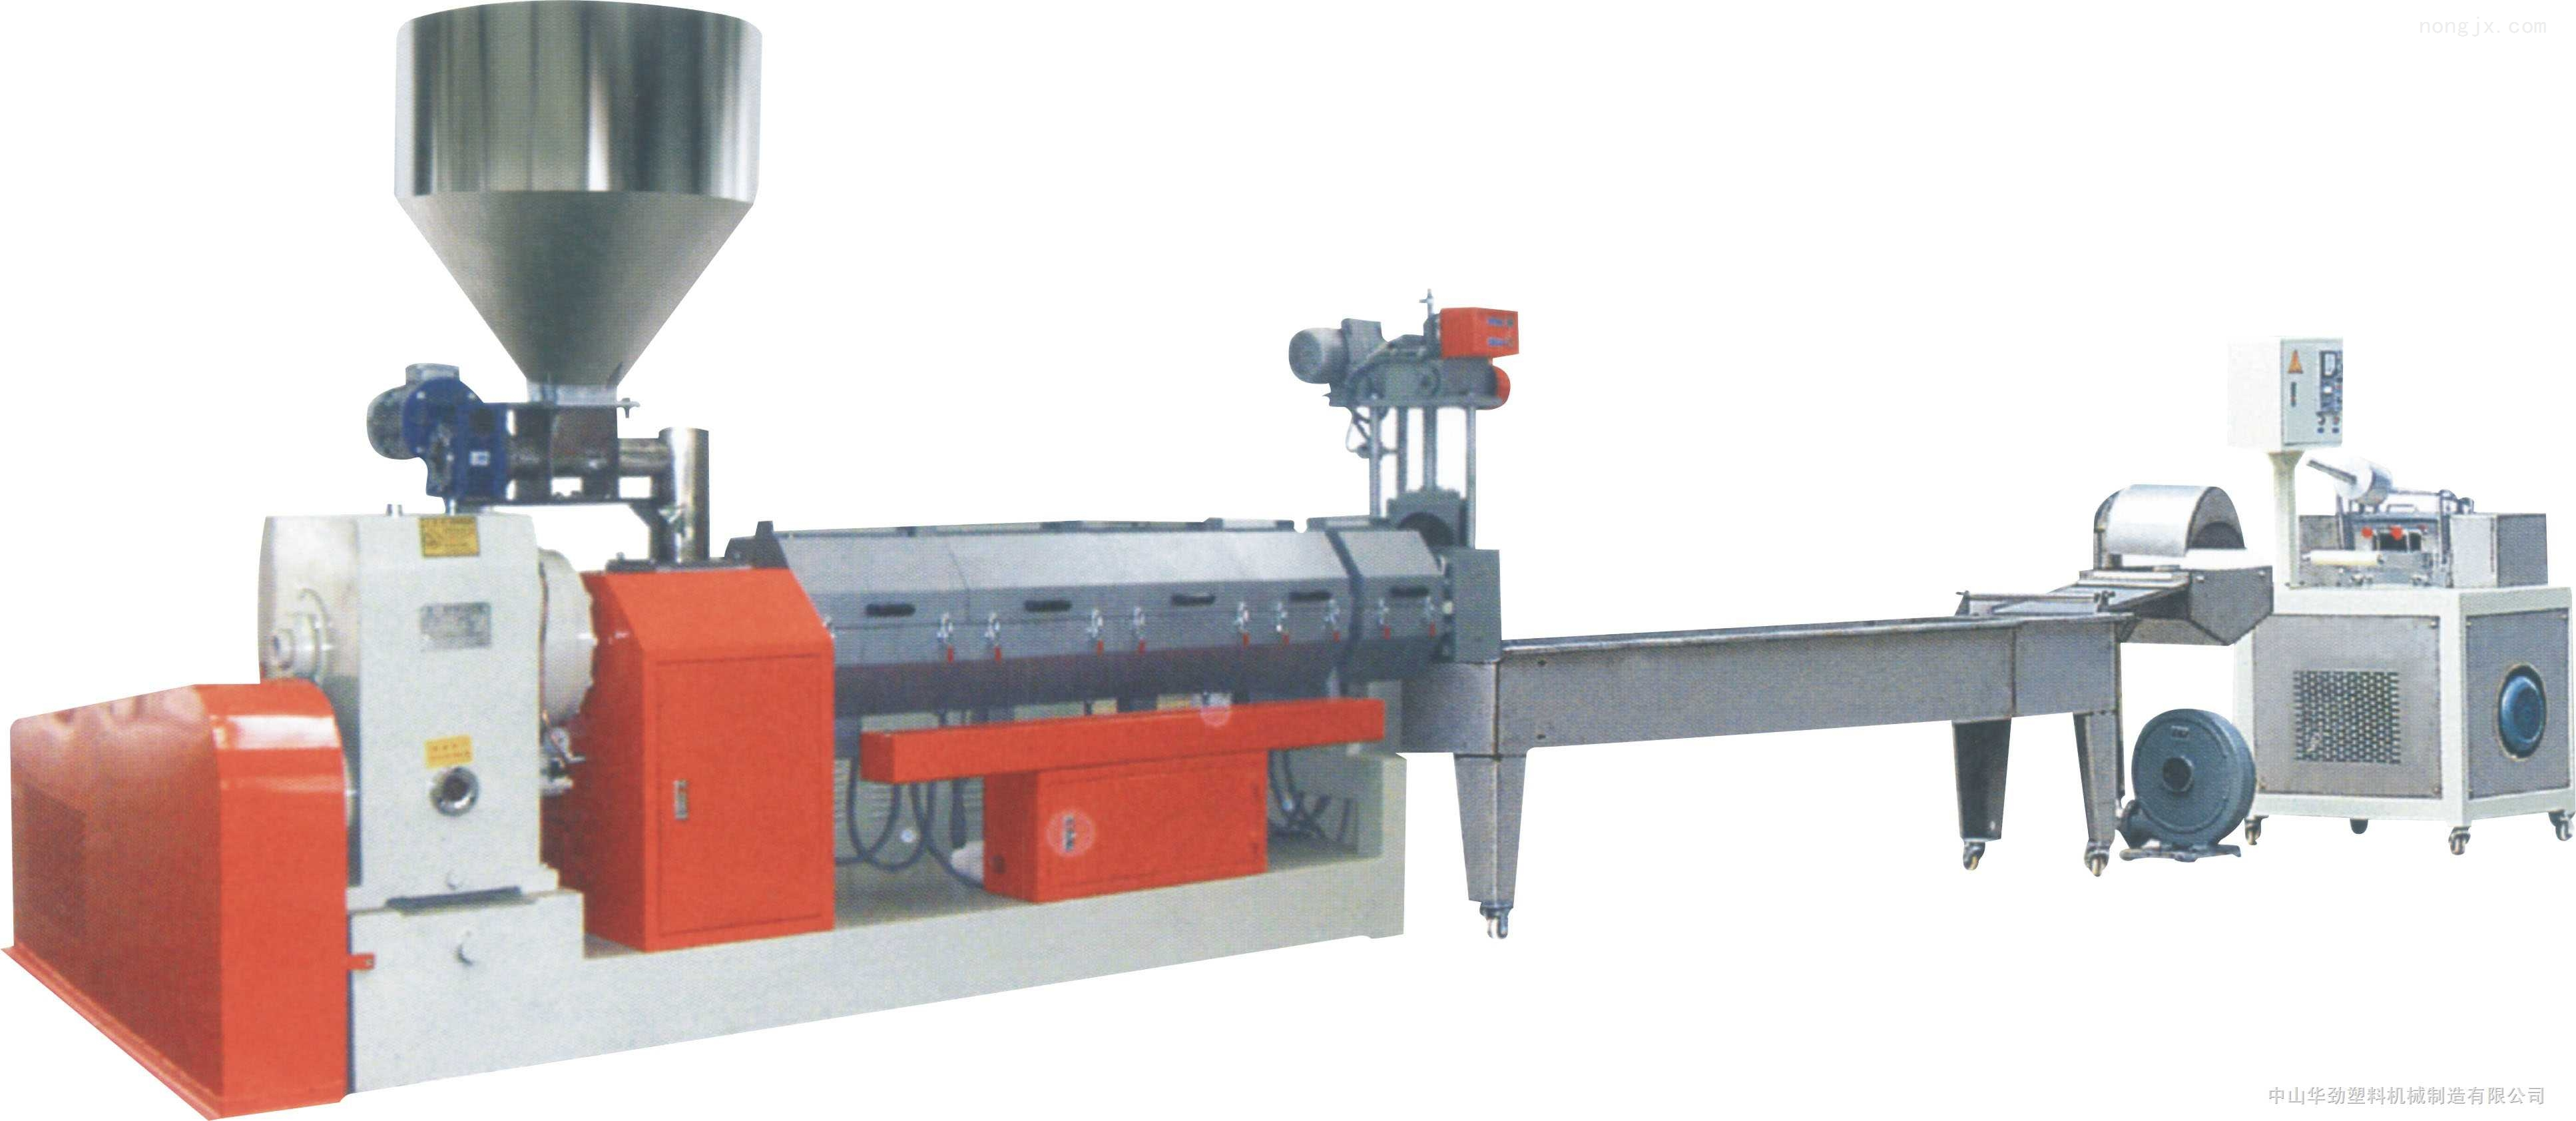 厂家直销,品质保证 两阶排气型塑料挤出造粒机 AA5-130/125